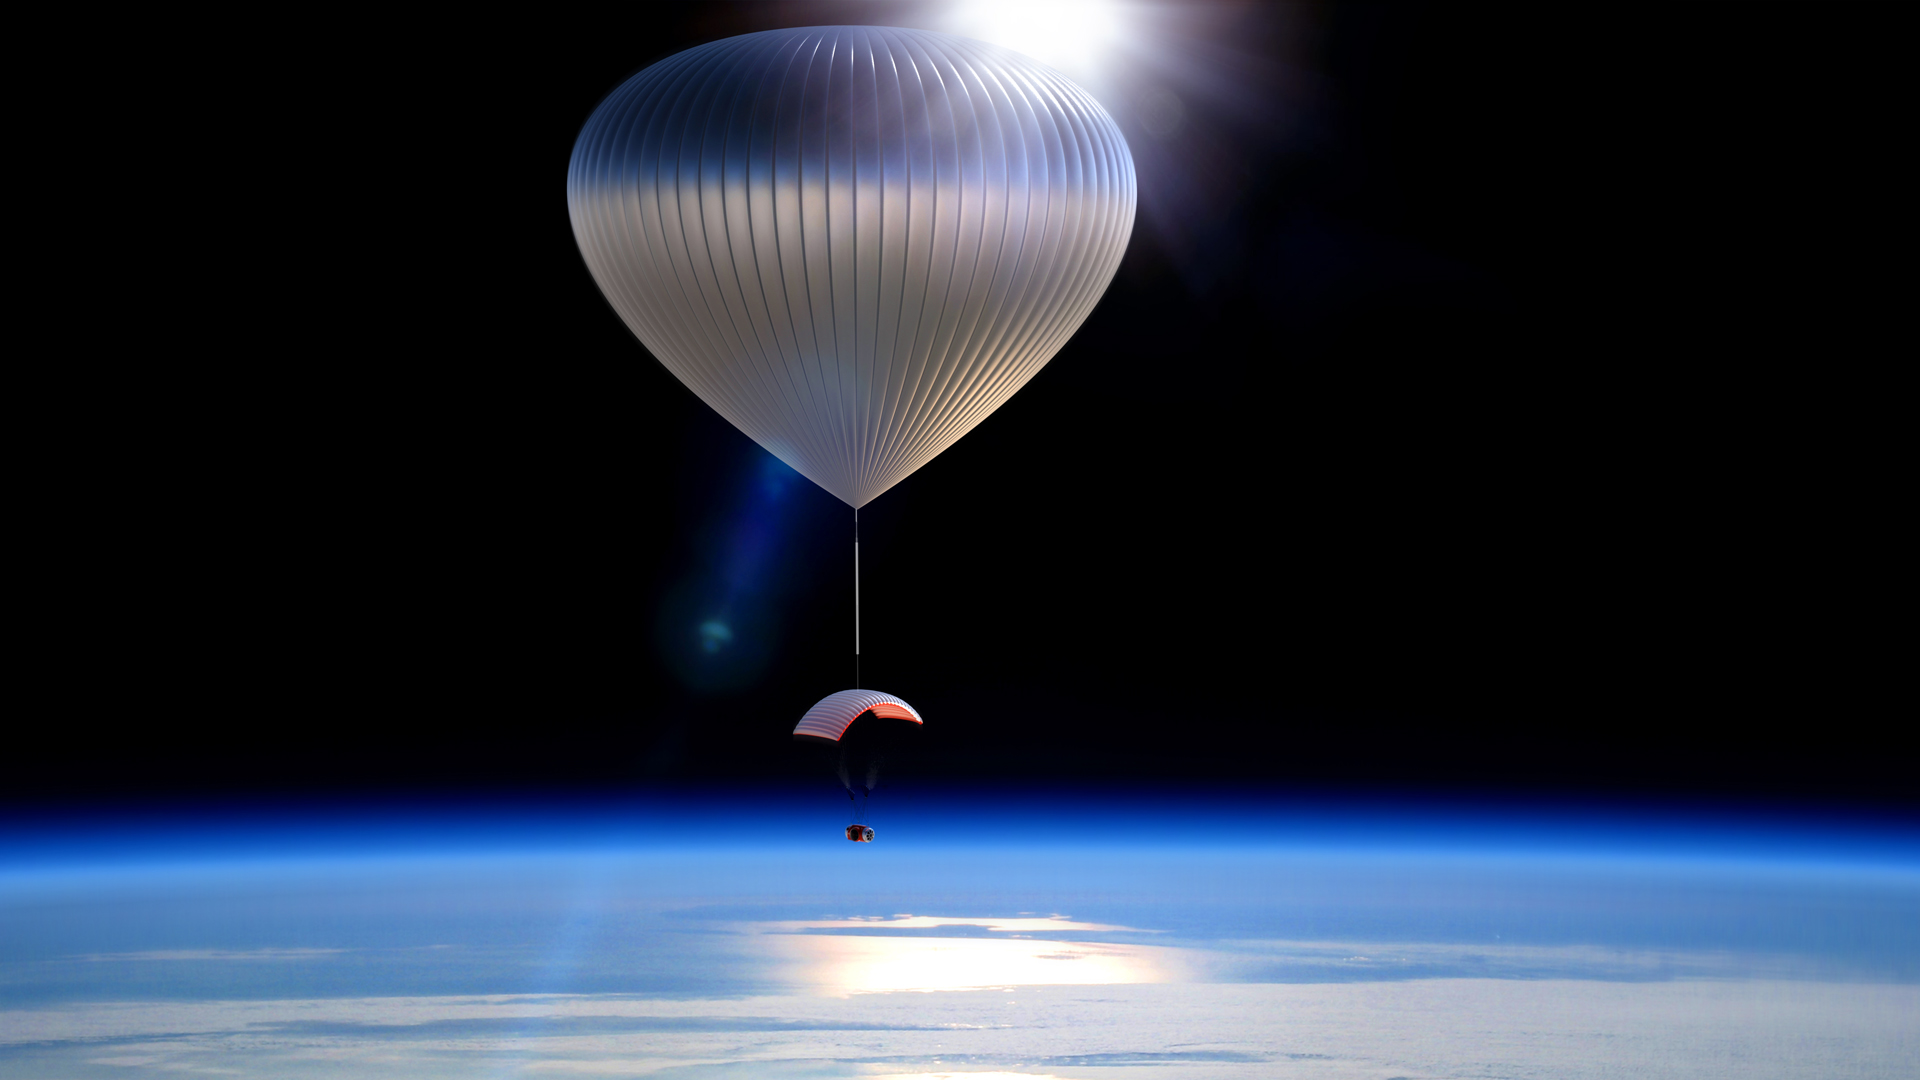 Image: Balloon